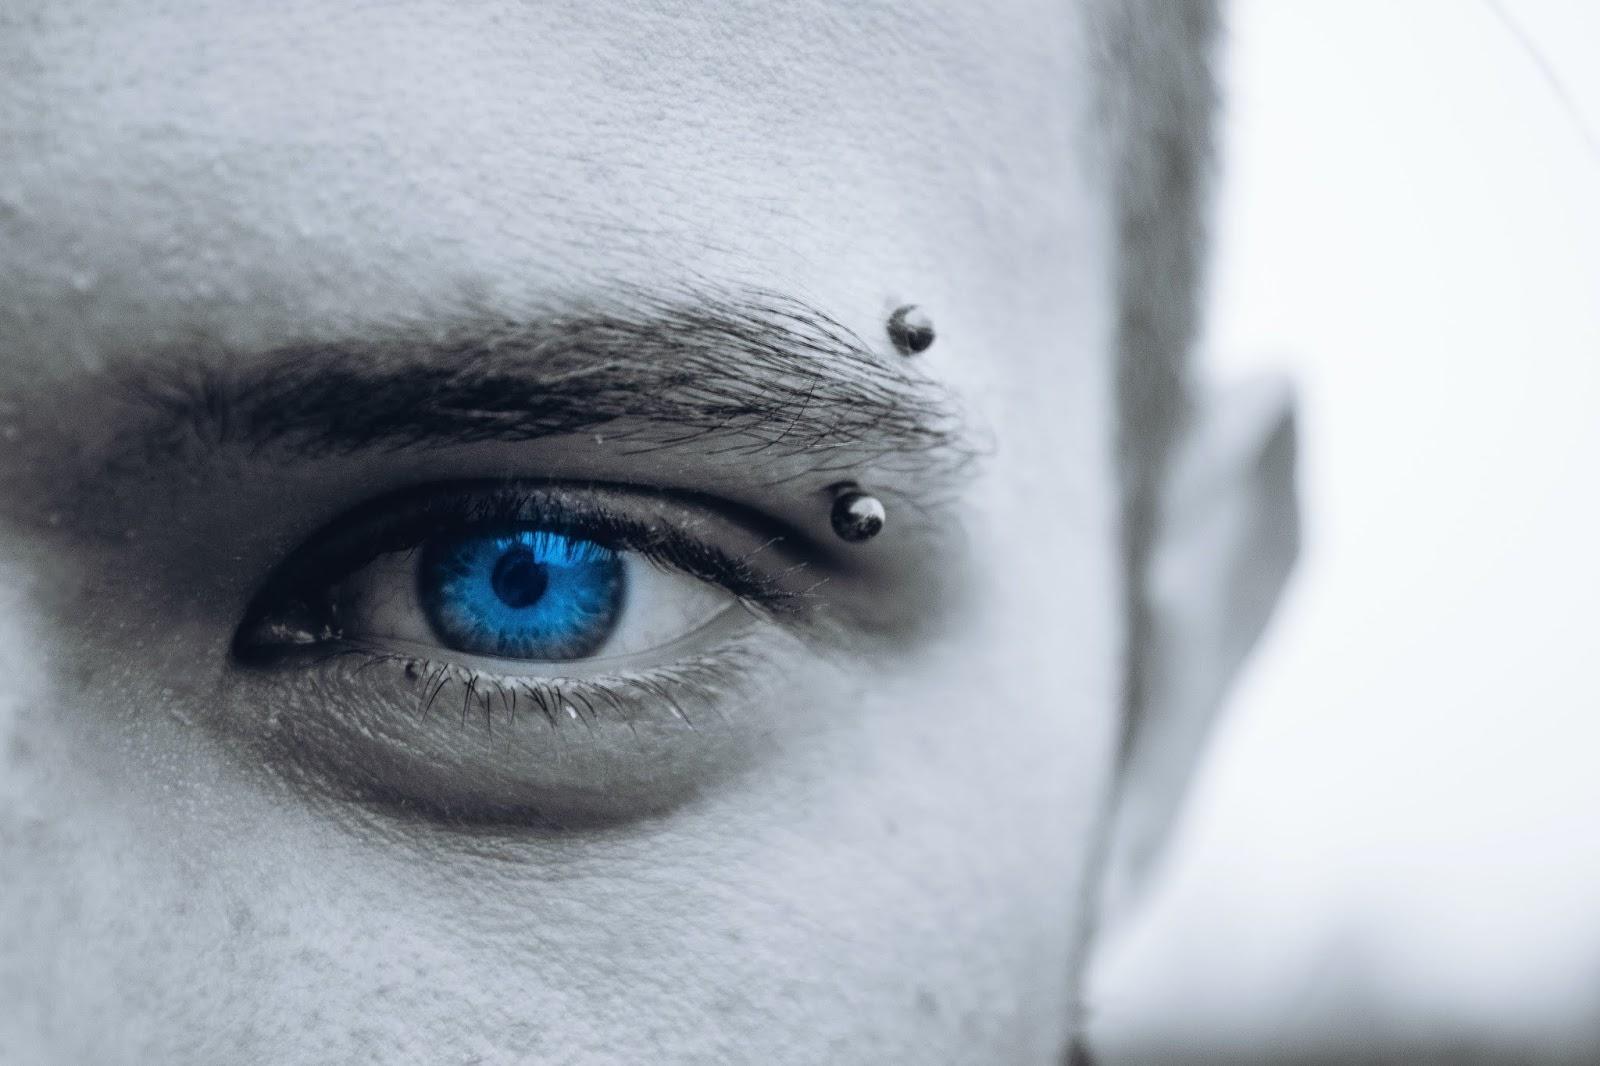 piercing al sopracciglio foto in bianco e nero e occhio blu